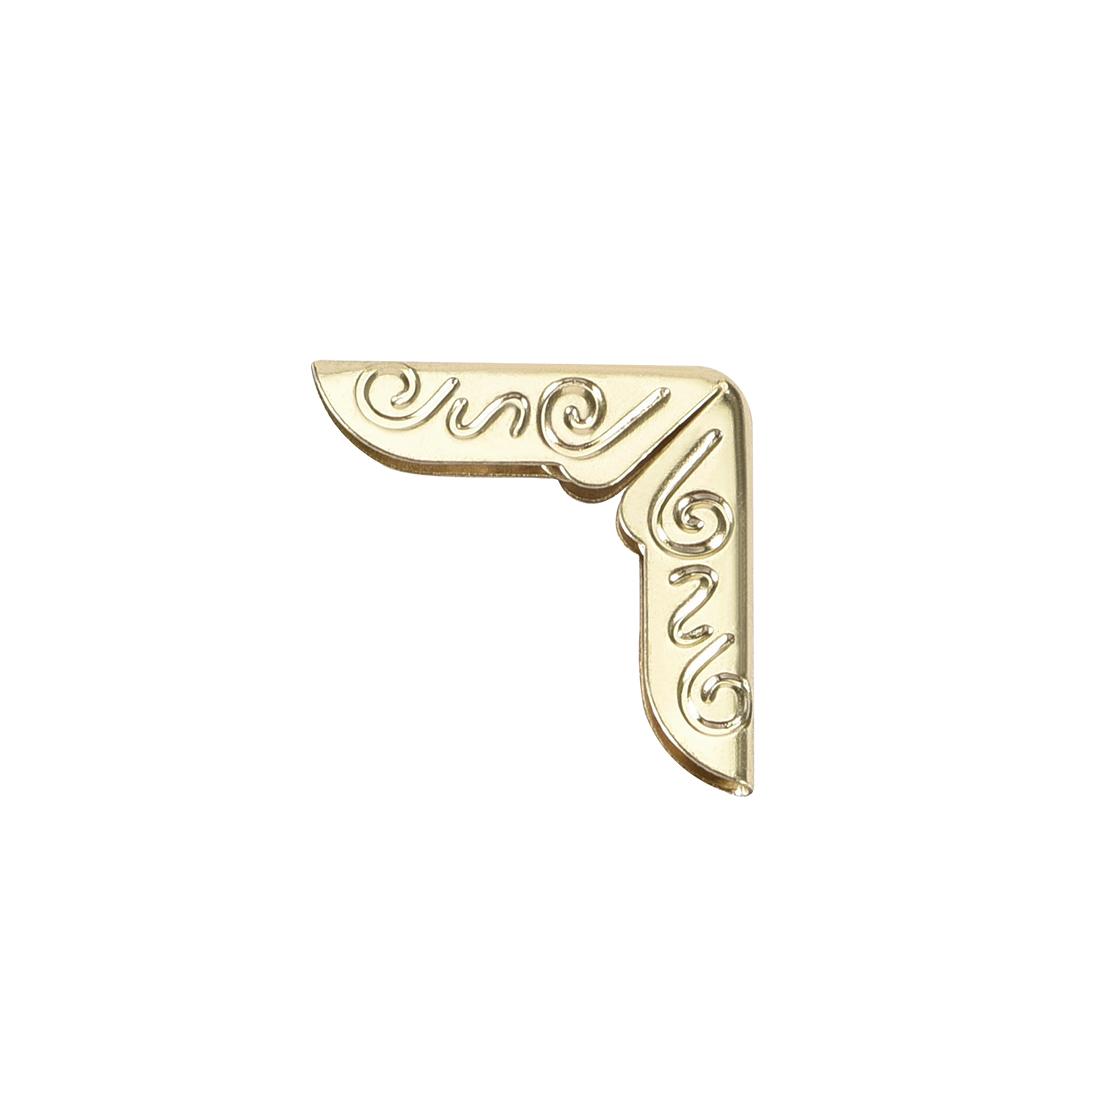 Metal Book Corner Protectors Edge Cover Guard 15 x 15 x 2mm Gold Tone 30pcs